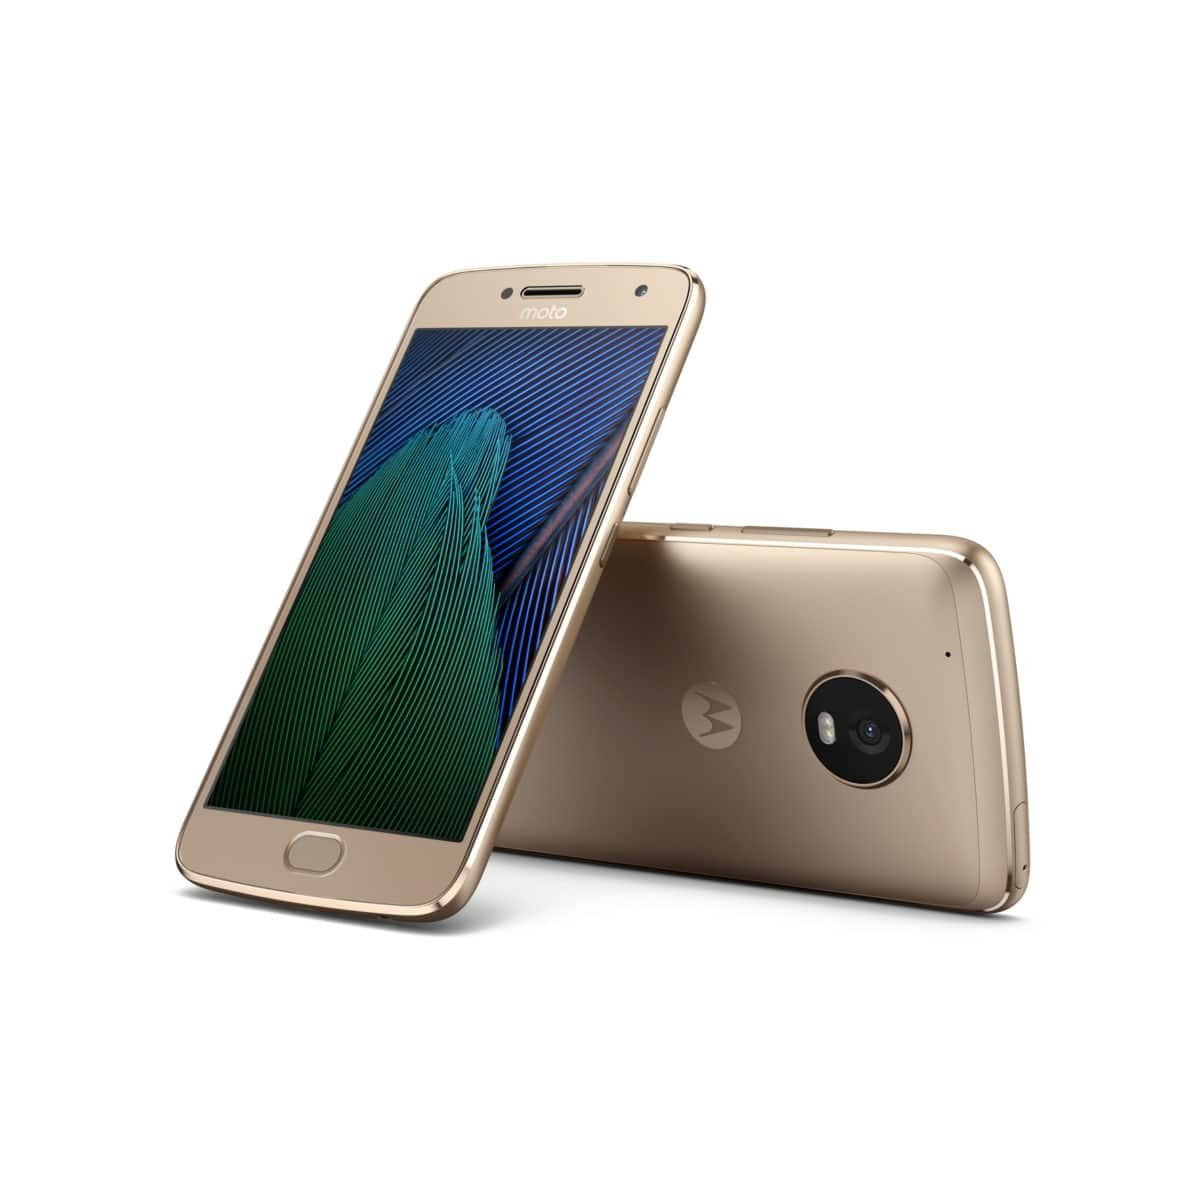 Moto G5 und Moto G5 Plus #PremiumForAll sind ab sofort im Handel erhältlich 3